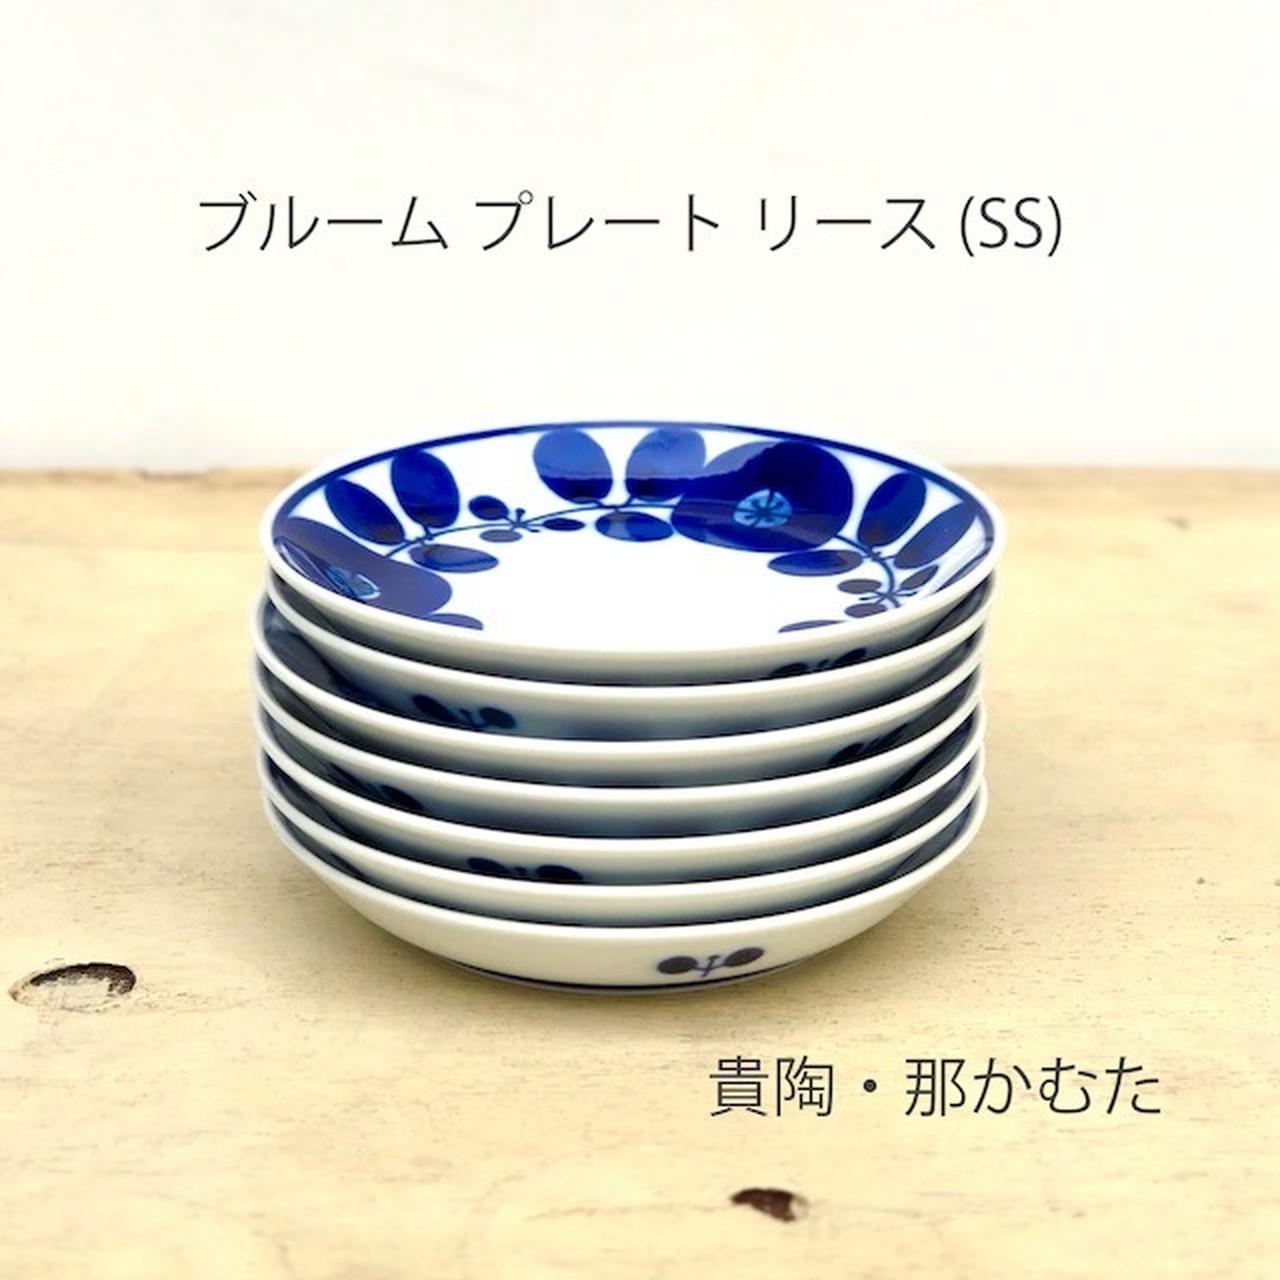 【波佐見焼】【白山陶器】【ブルーム】【プレート】【リース】【SS】【1枚バラ売り】 北欧風 食器 小皿 おしゃれ かわいい